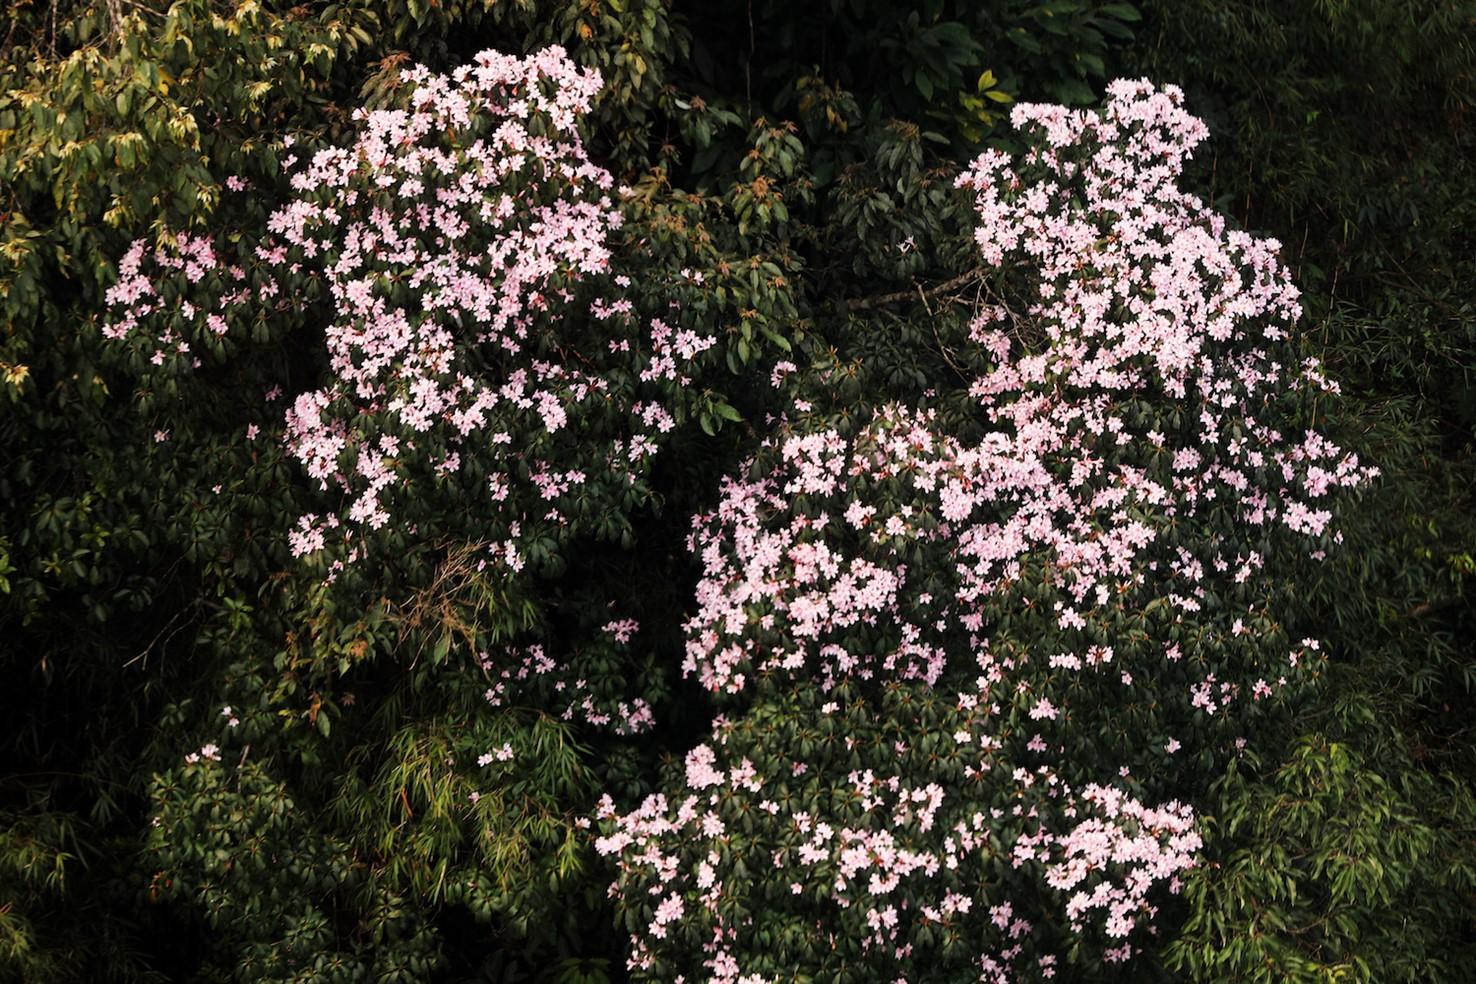 Xách ba lô lên và khám phá vương quốc hoa đỗ quyên - Ảnh 3.